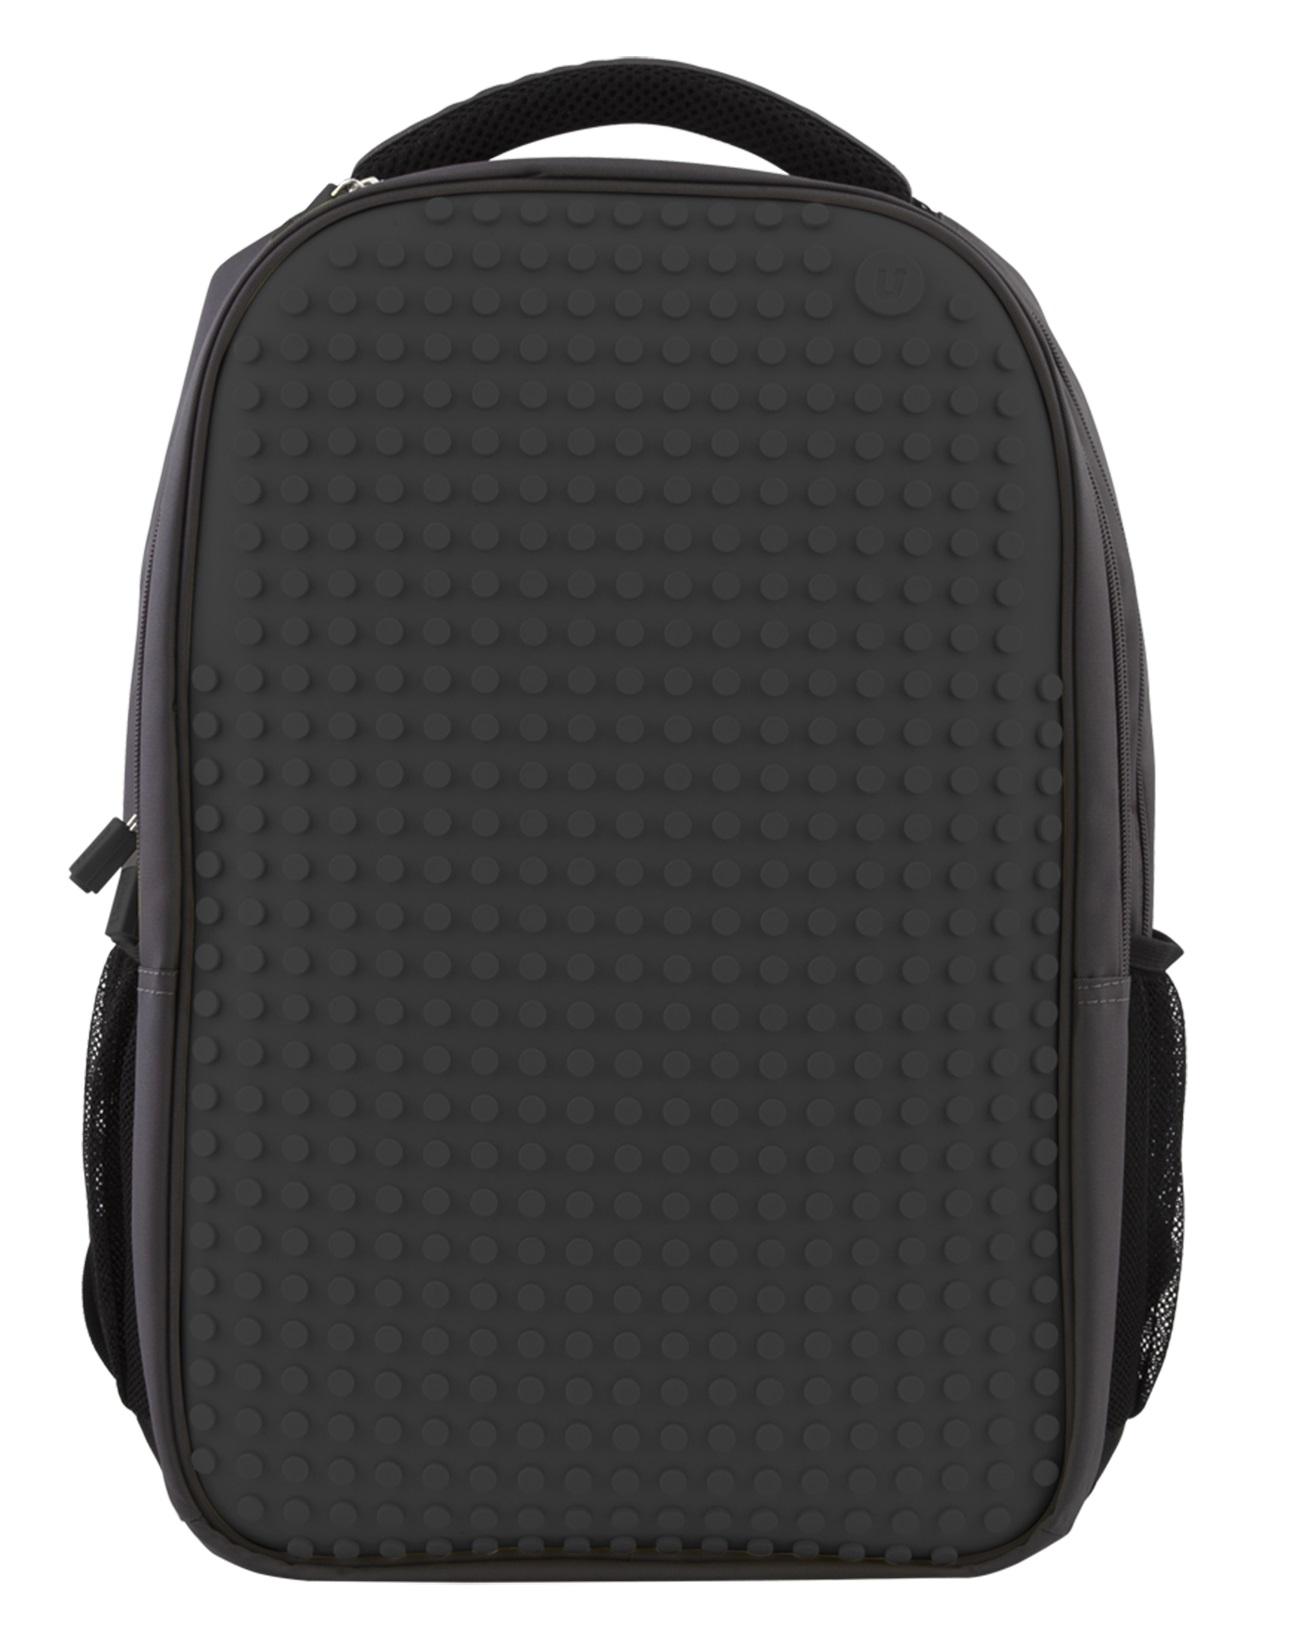 все цены на Пиксельный рюкзак для ноутбука (Full Screen Biz Backpack/Laptop bag) WY-A009 (Черный) онлайн